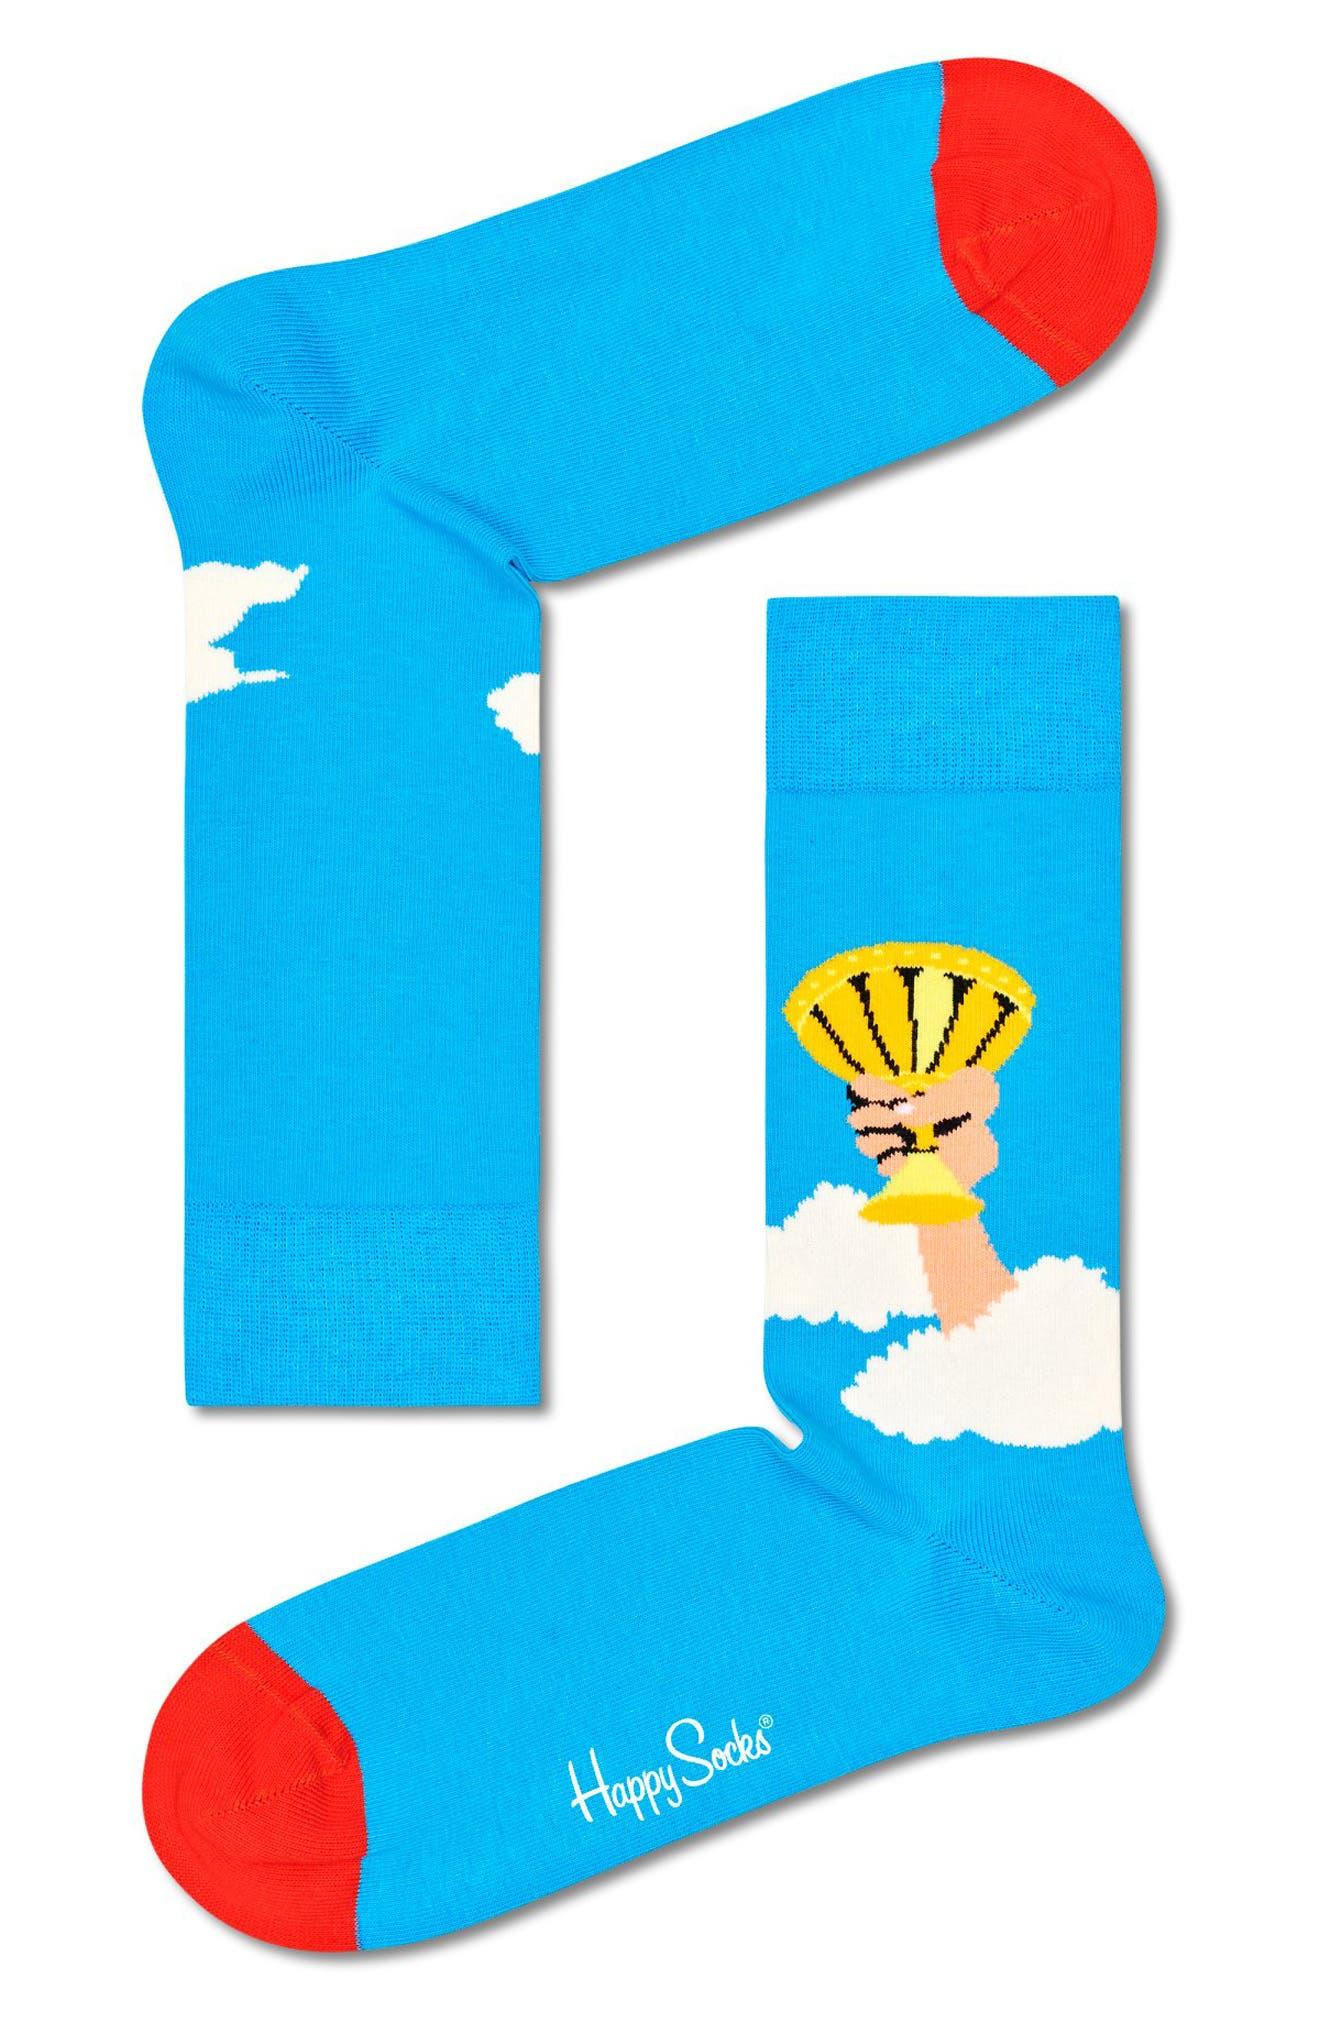 Holy Grail Socks